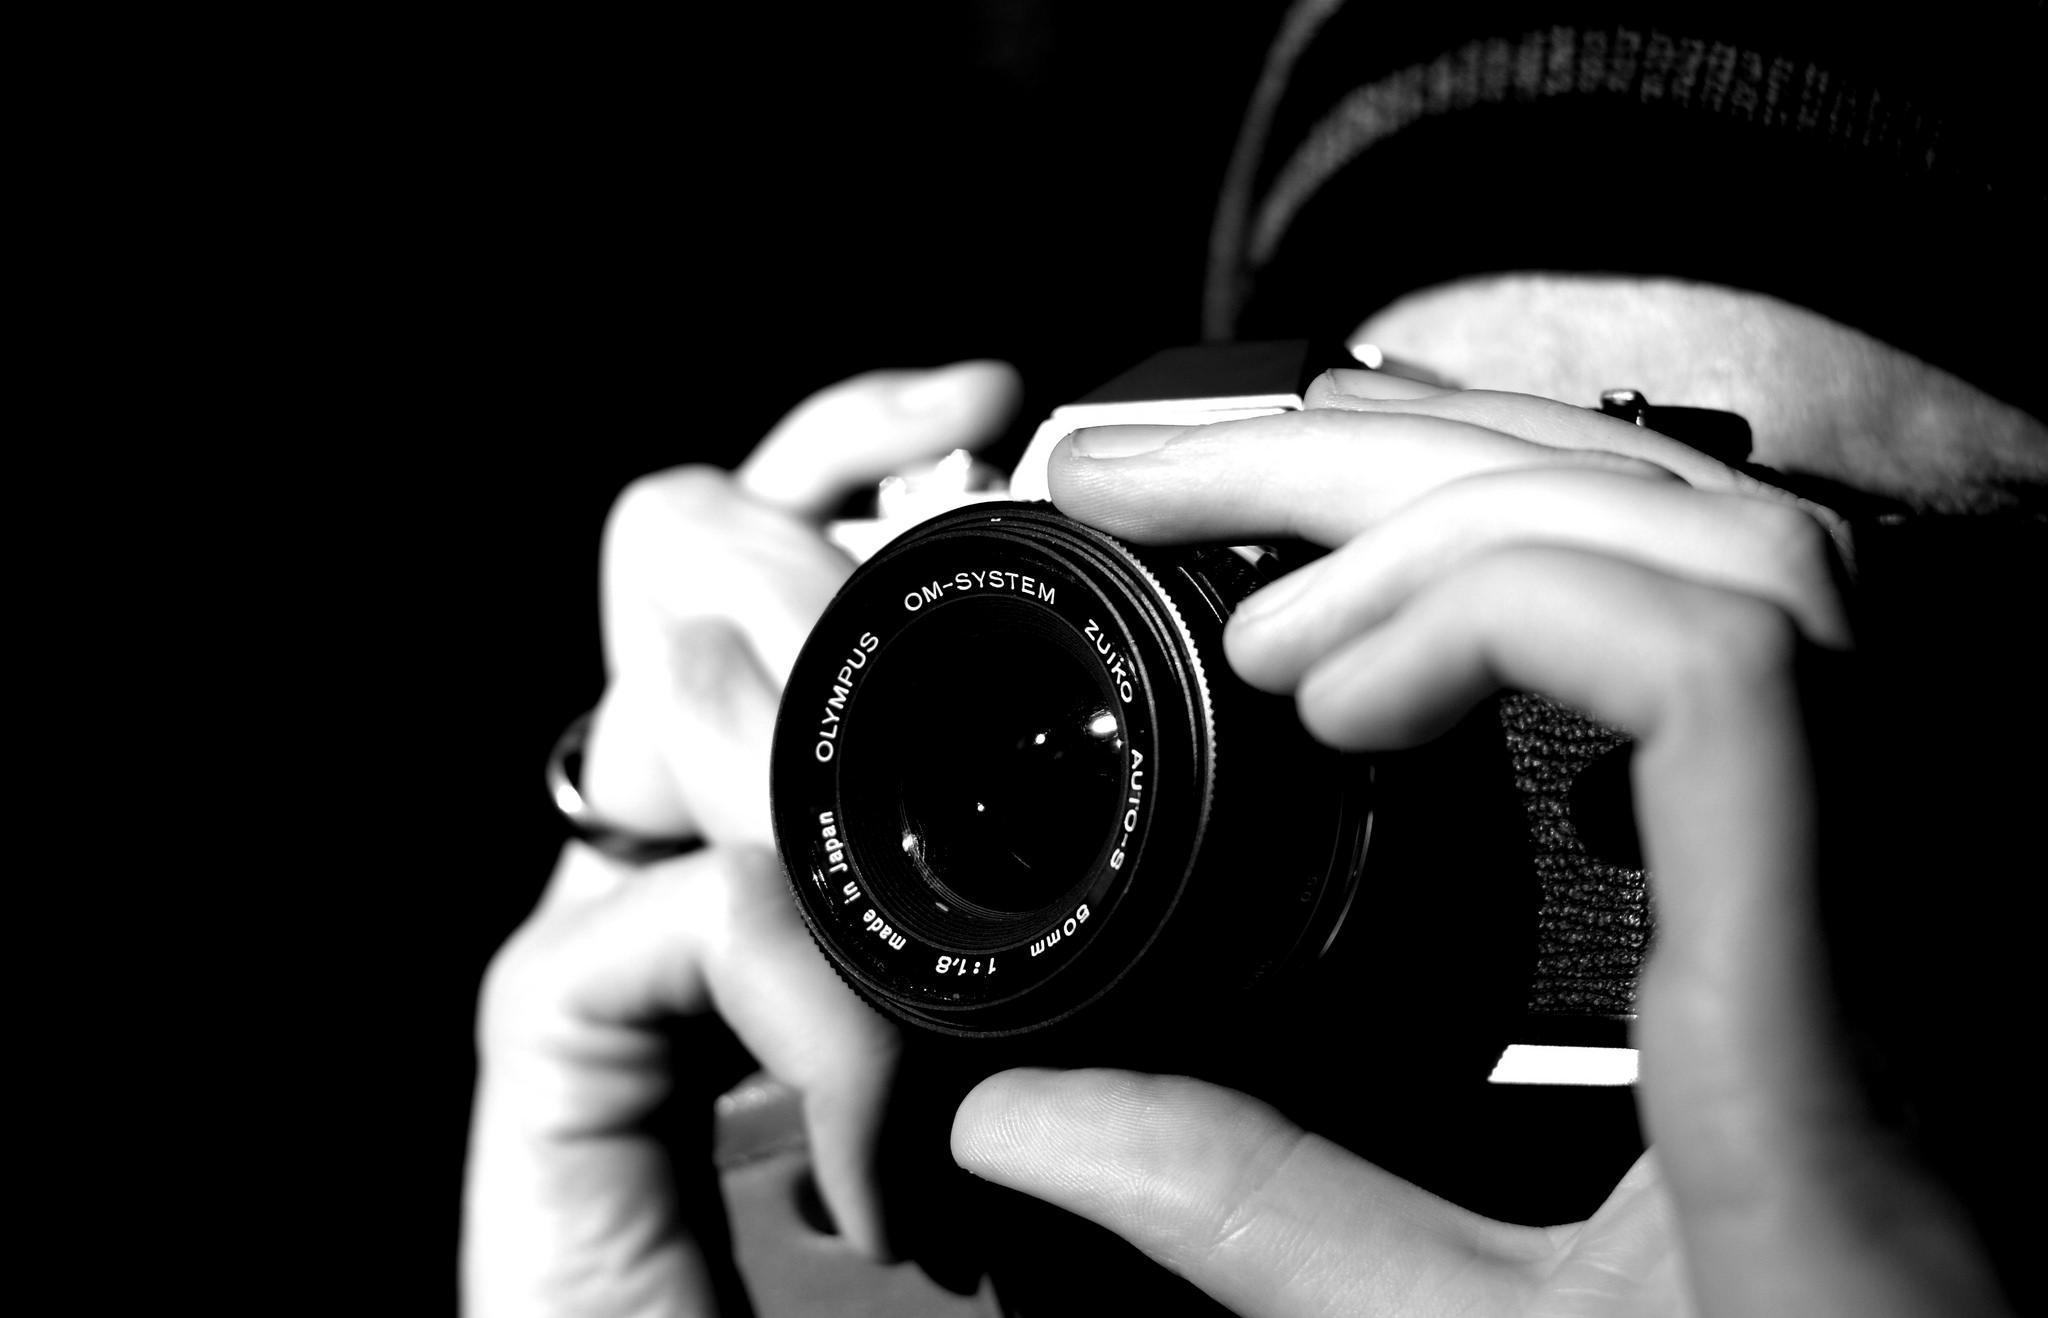 Faire un essai pour voir : formation-photographie.eu